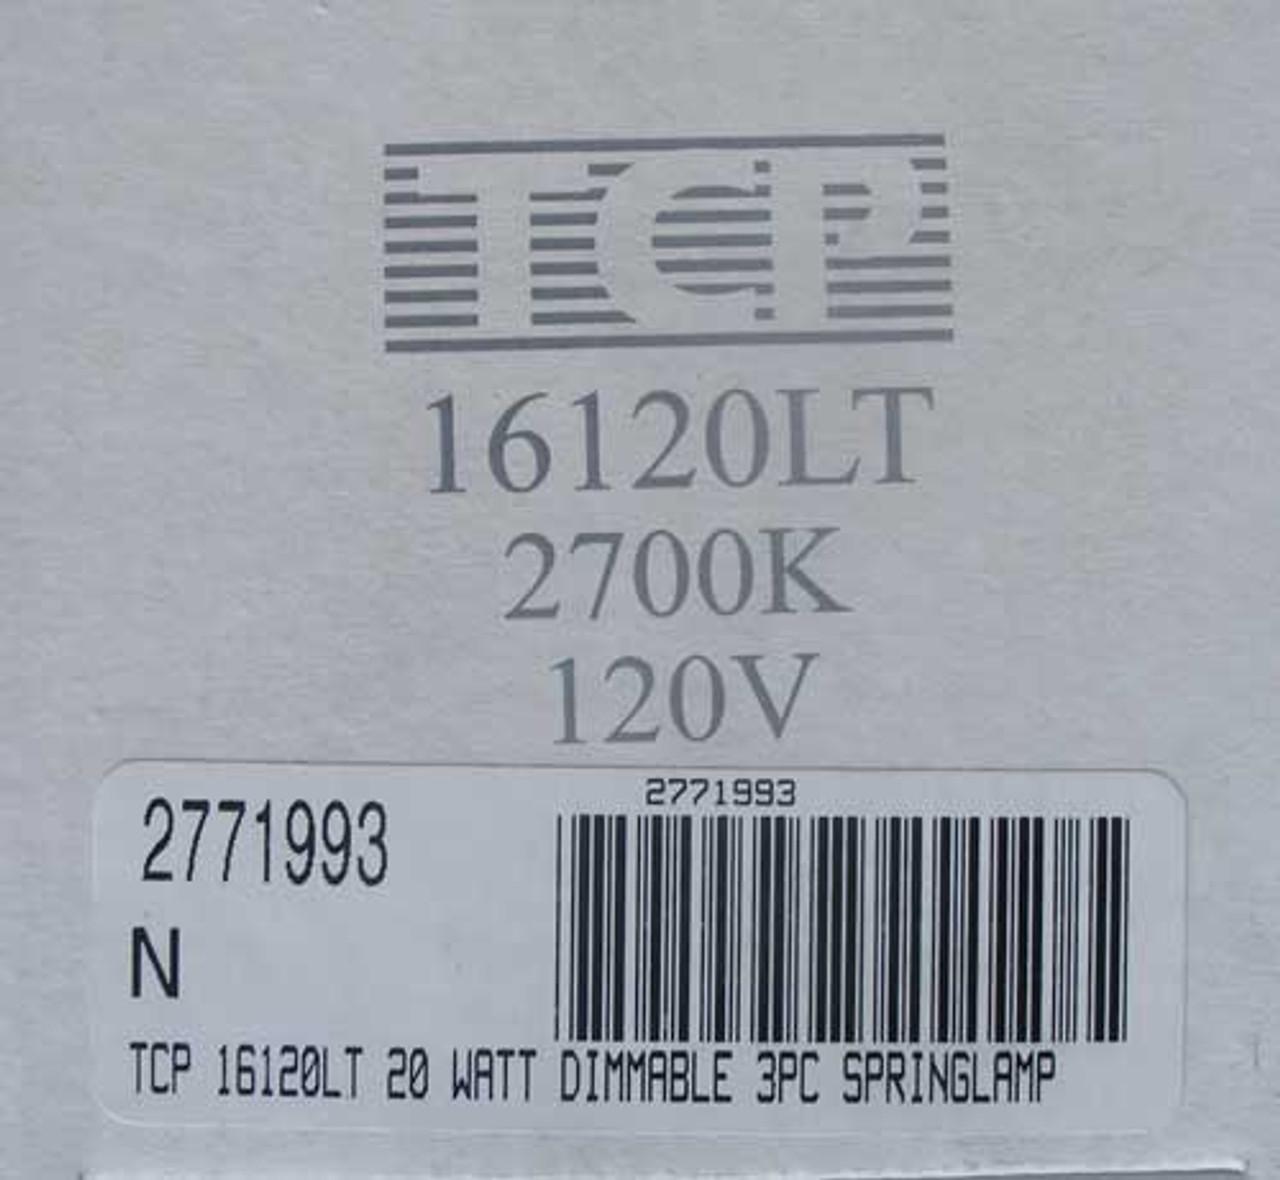 TCP 16120LT 20 Watt Dimmable Springlamp 120V 2700K - New